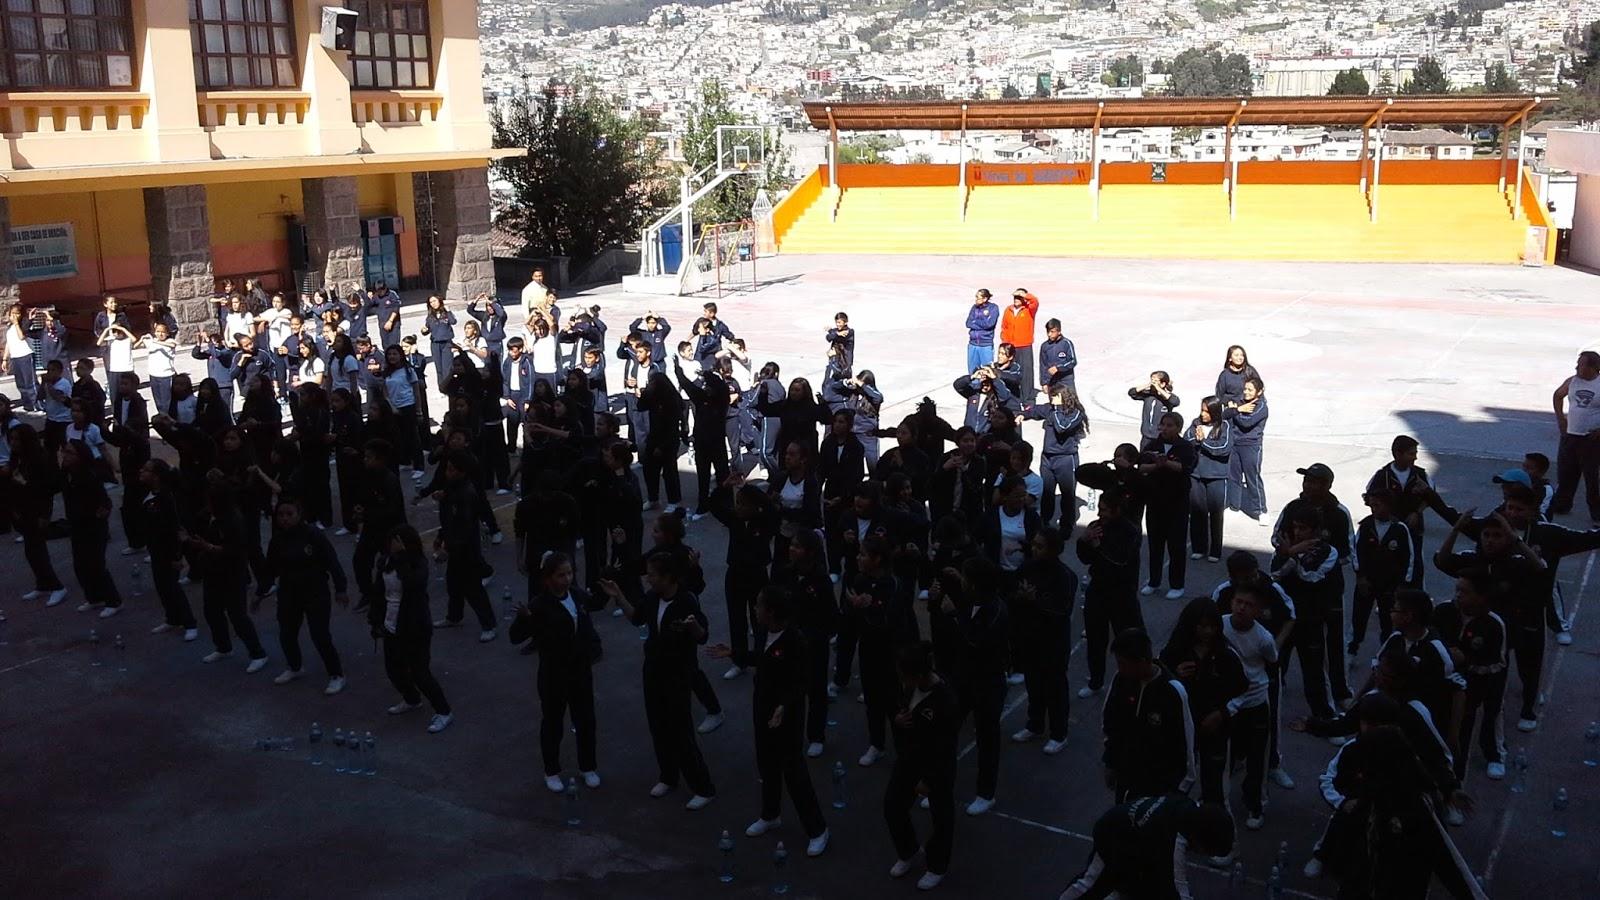 Con Baile Y Juegos Tradicionales Se Promueve Campana Vivamos Las